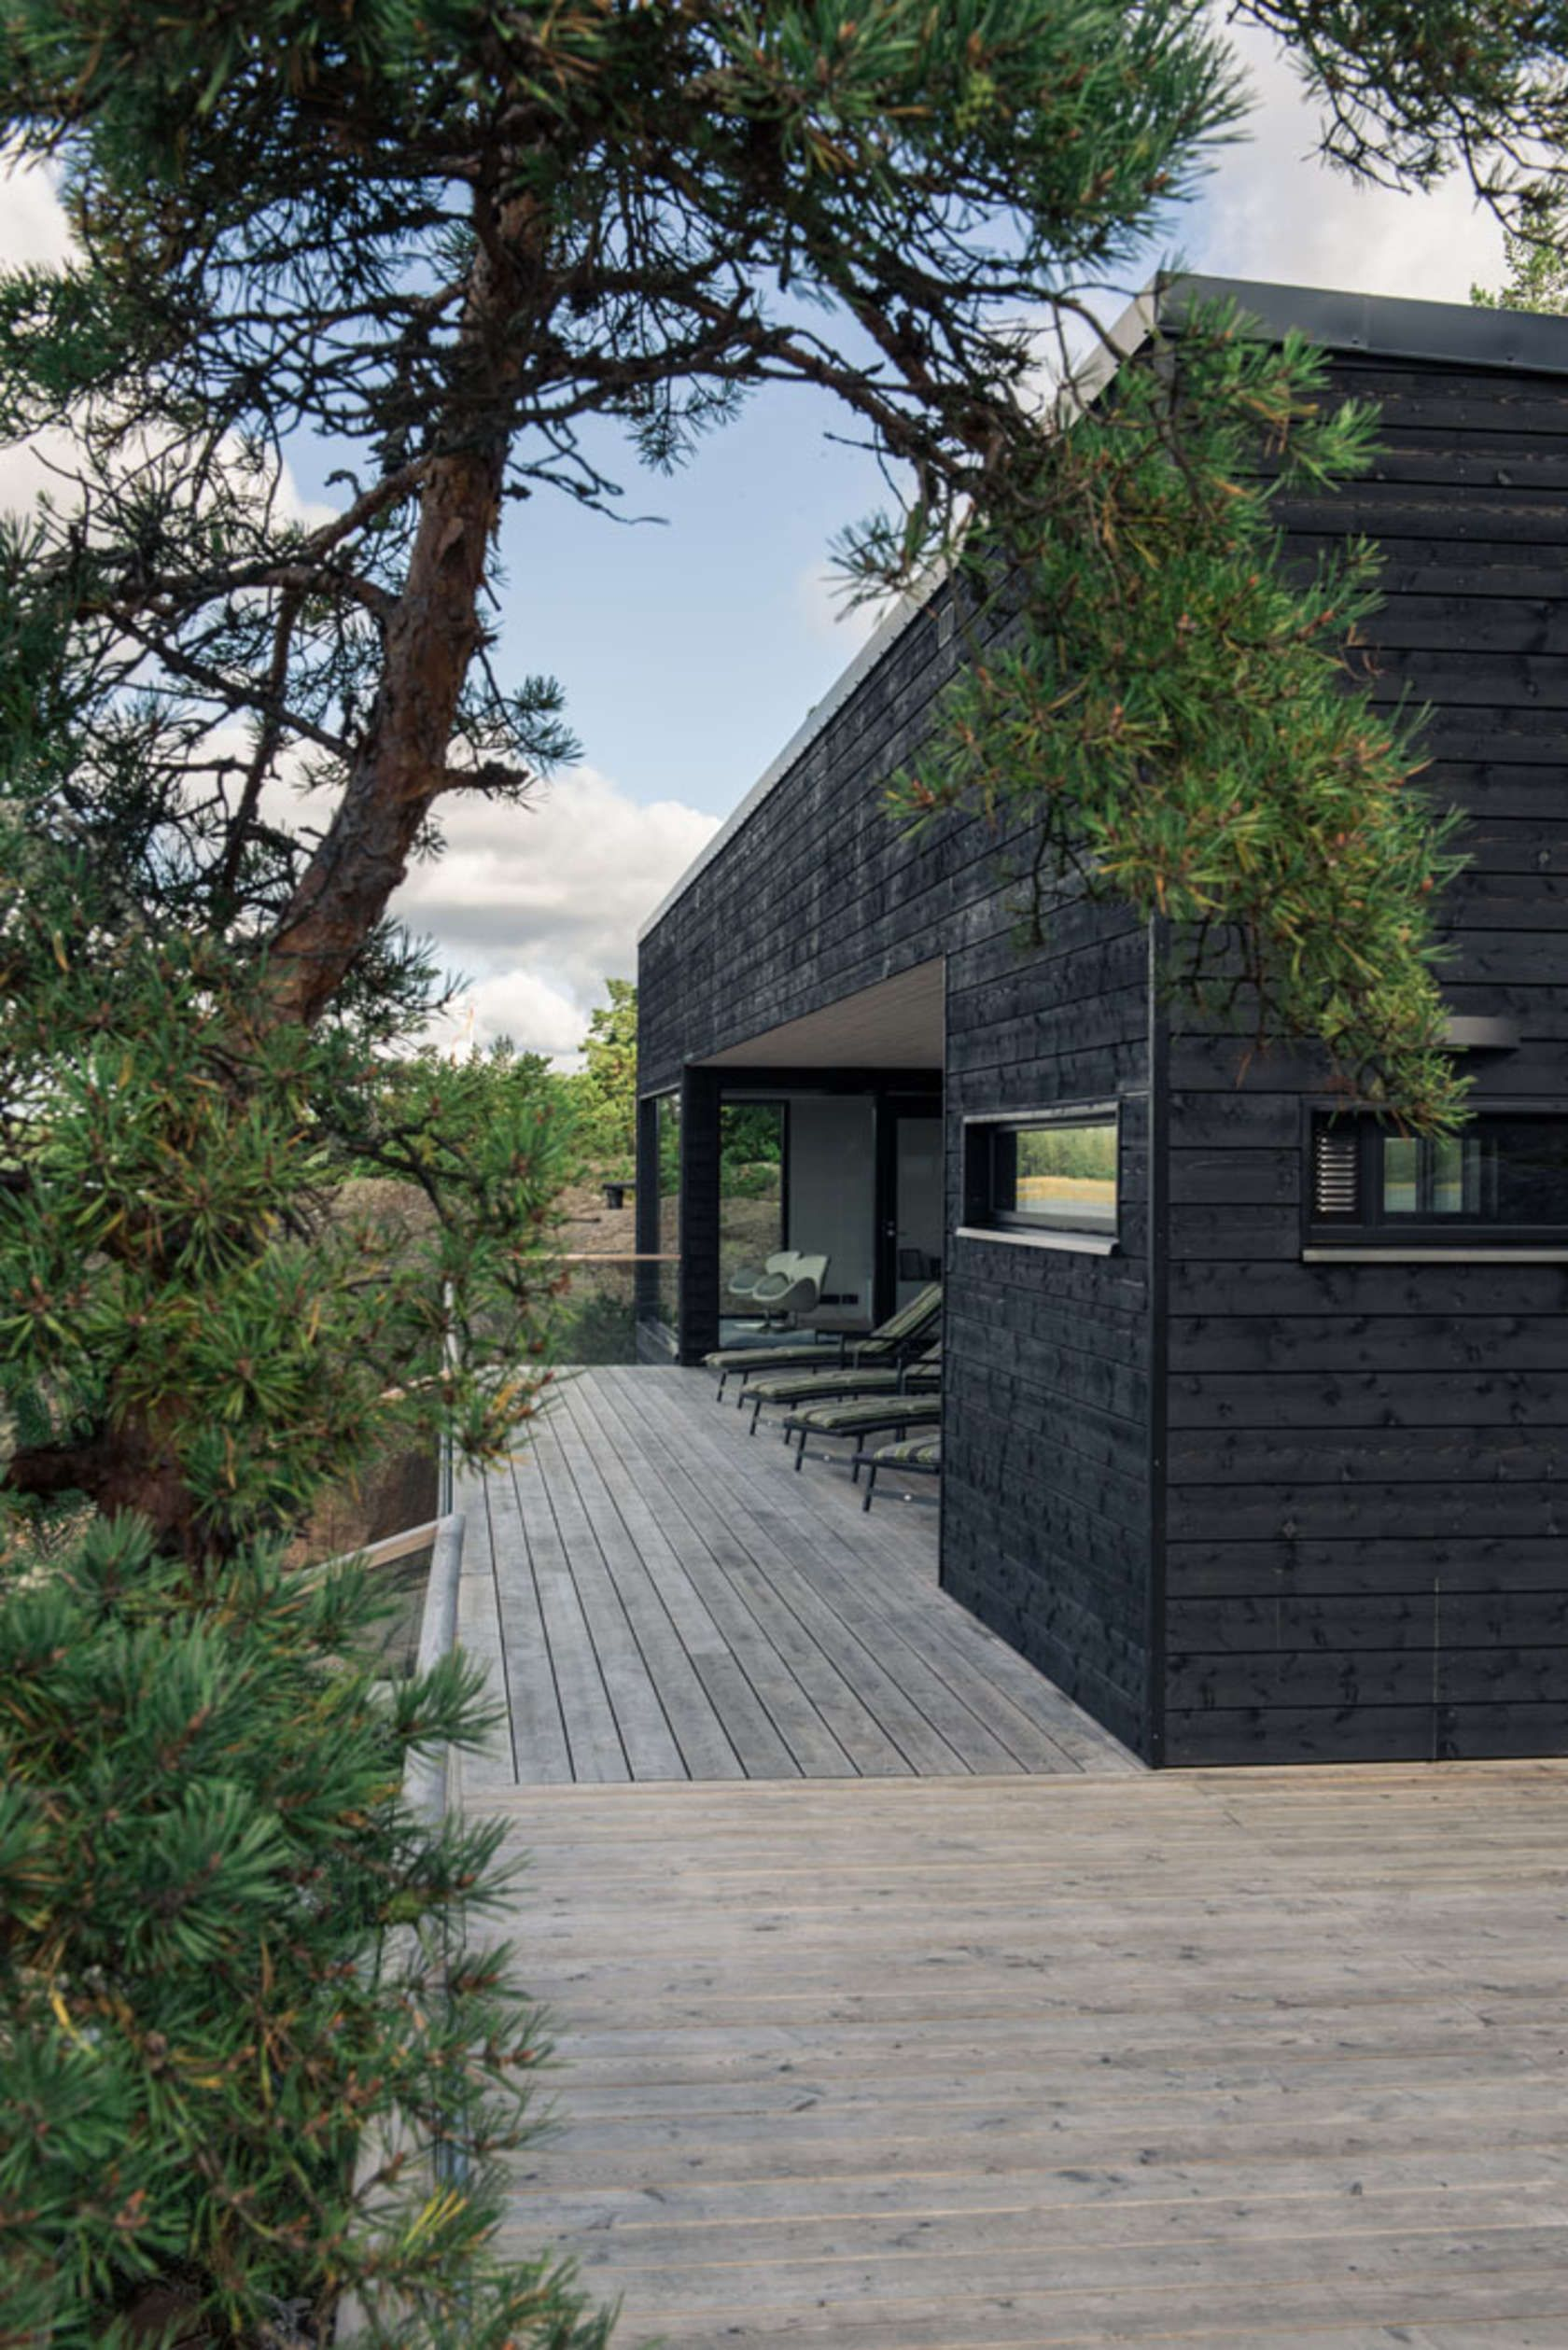 Summer Villa Viii Greenport In 2019 Black House